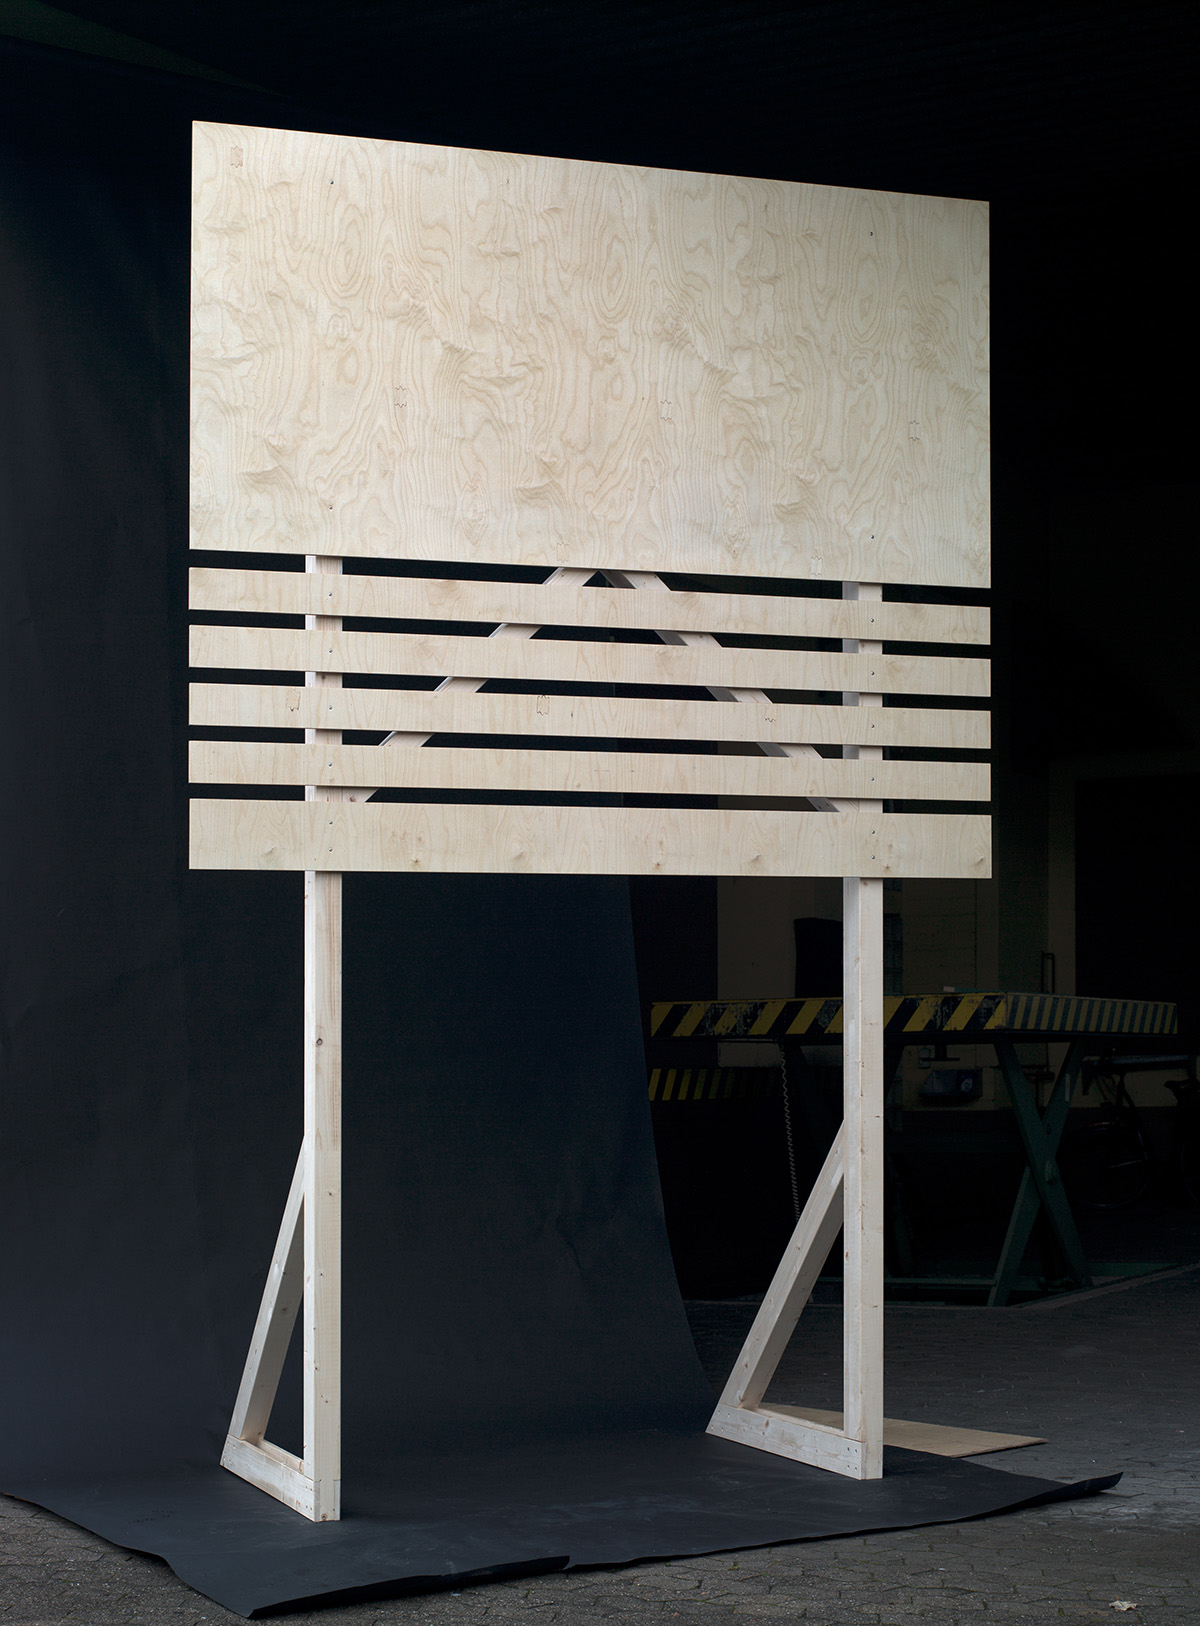 Pio Rahner, 18/1,Bauschild, 2010, Kunst im öffentlichen Raum, Essen, Folkwang